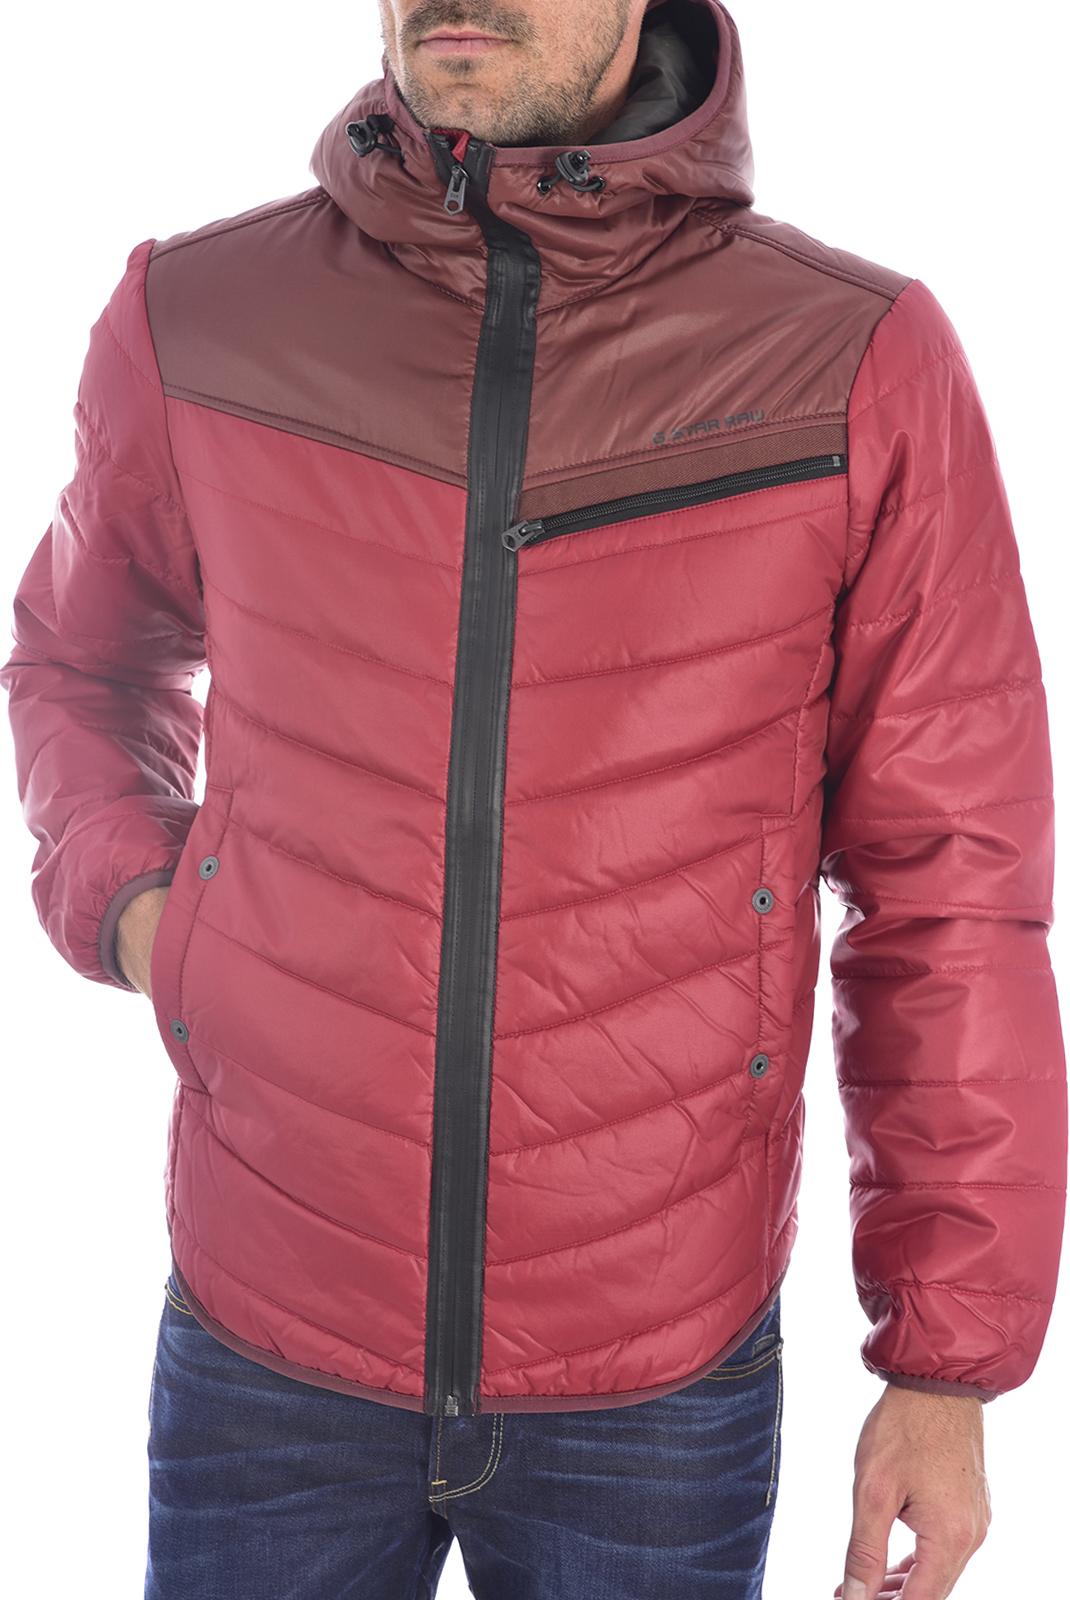 Blousons / doudounes  G-star D03030-6931-5298 attac rouge